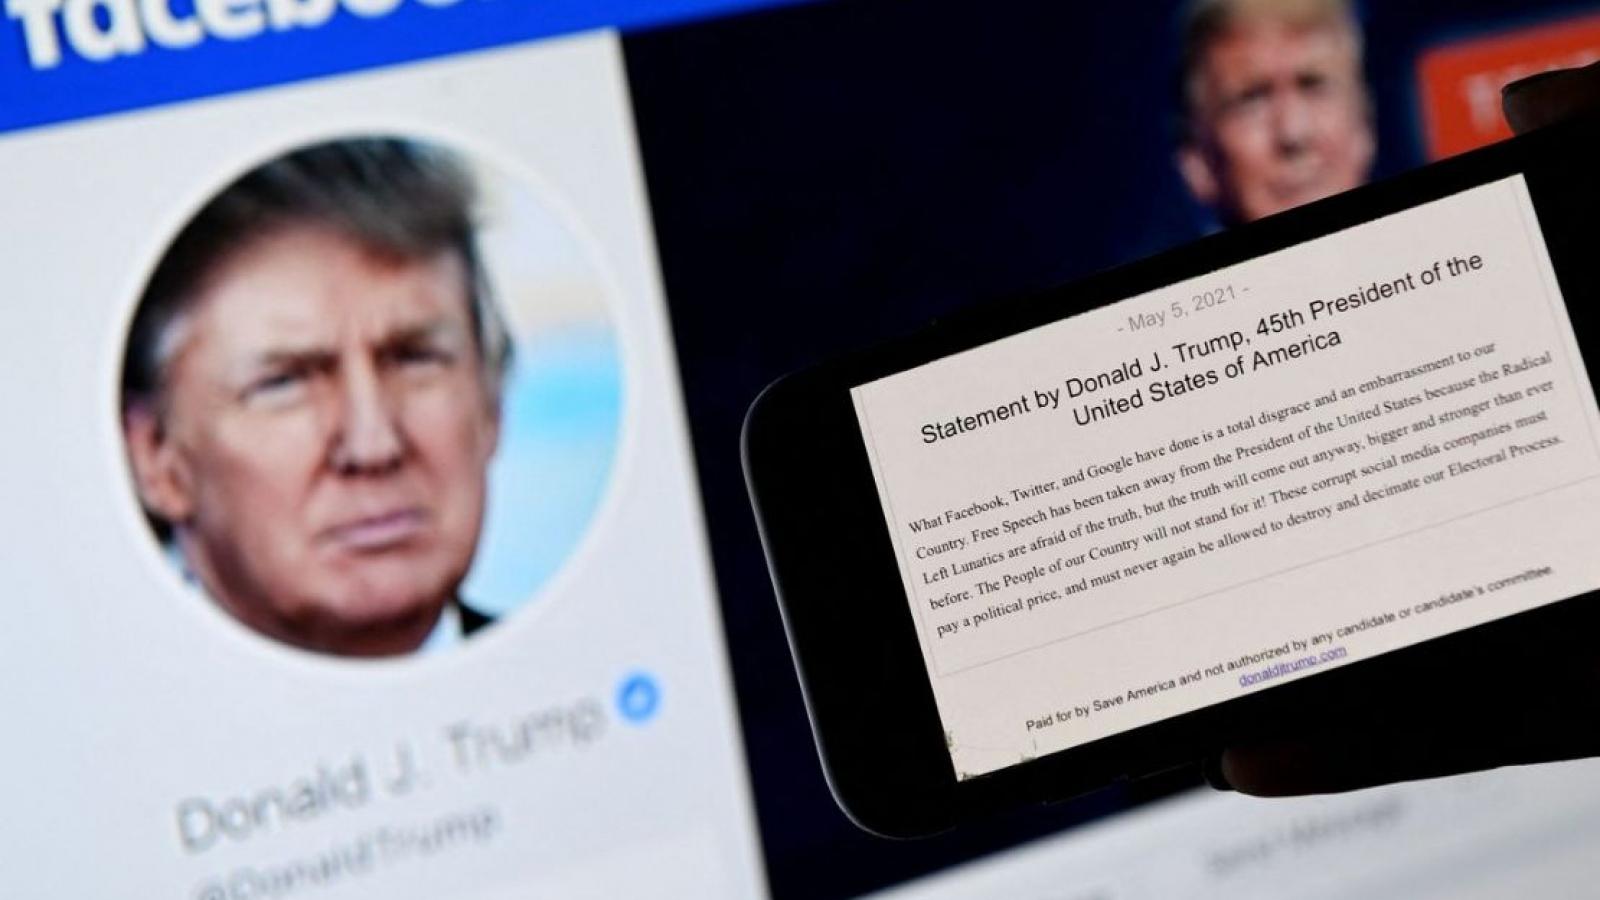 Facebook chặn tài khoản của ông Donald Trump ít nhất 2 năm nữa